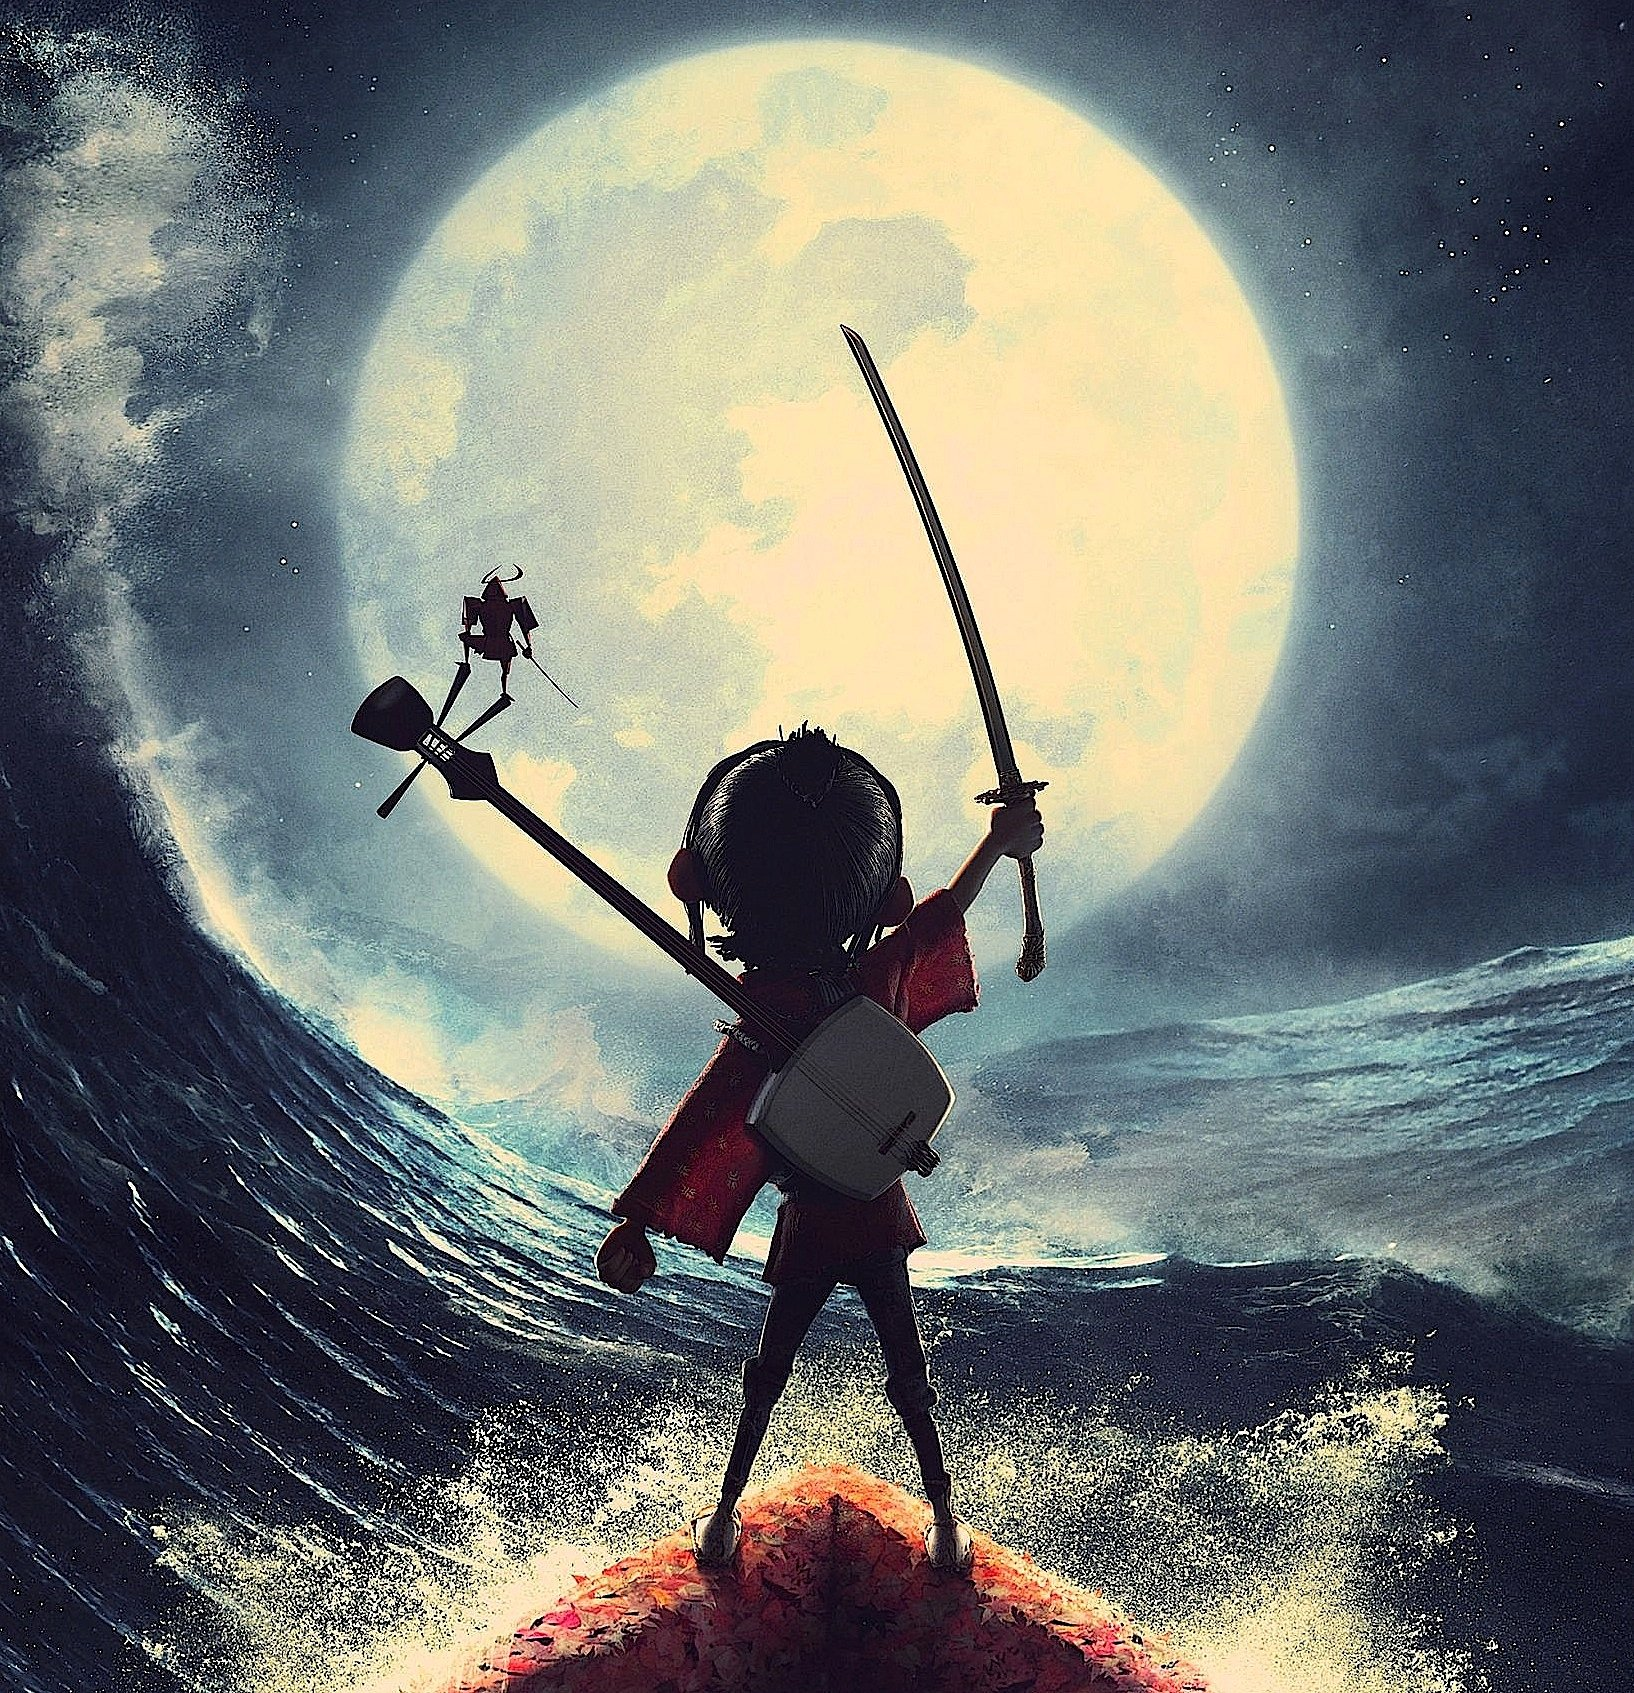 Ausschnitt aus dem Filmplakat des Films Kubo:Alle Figuren des nächsten Laika-Films werden mit deutscher Druckersoftware hergestellt.